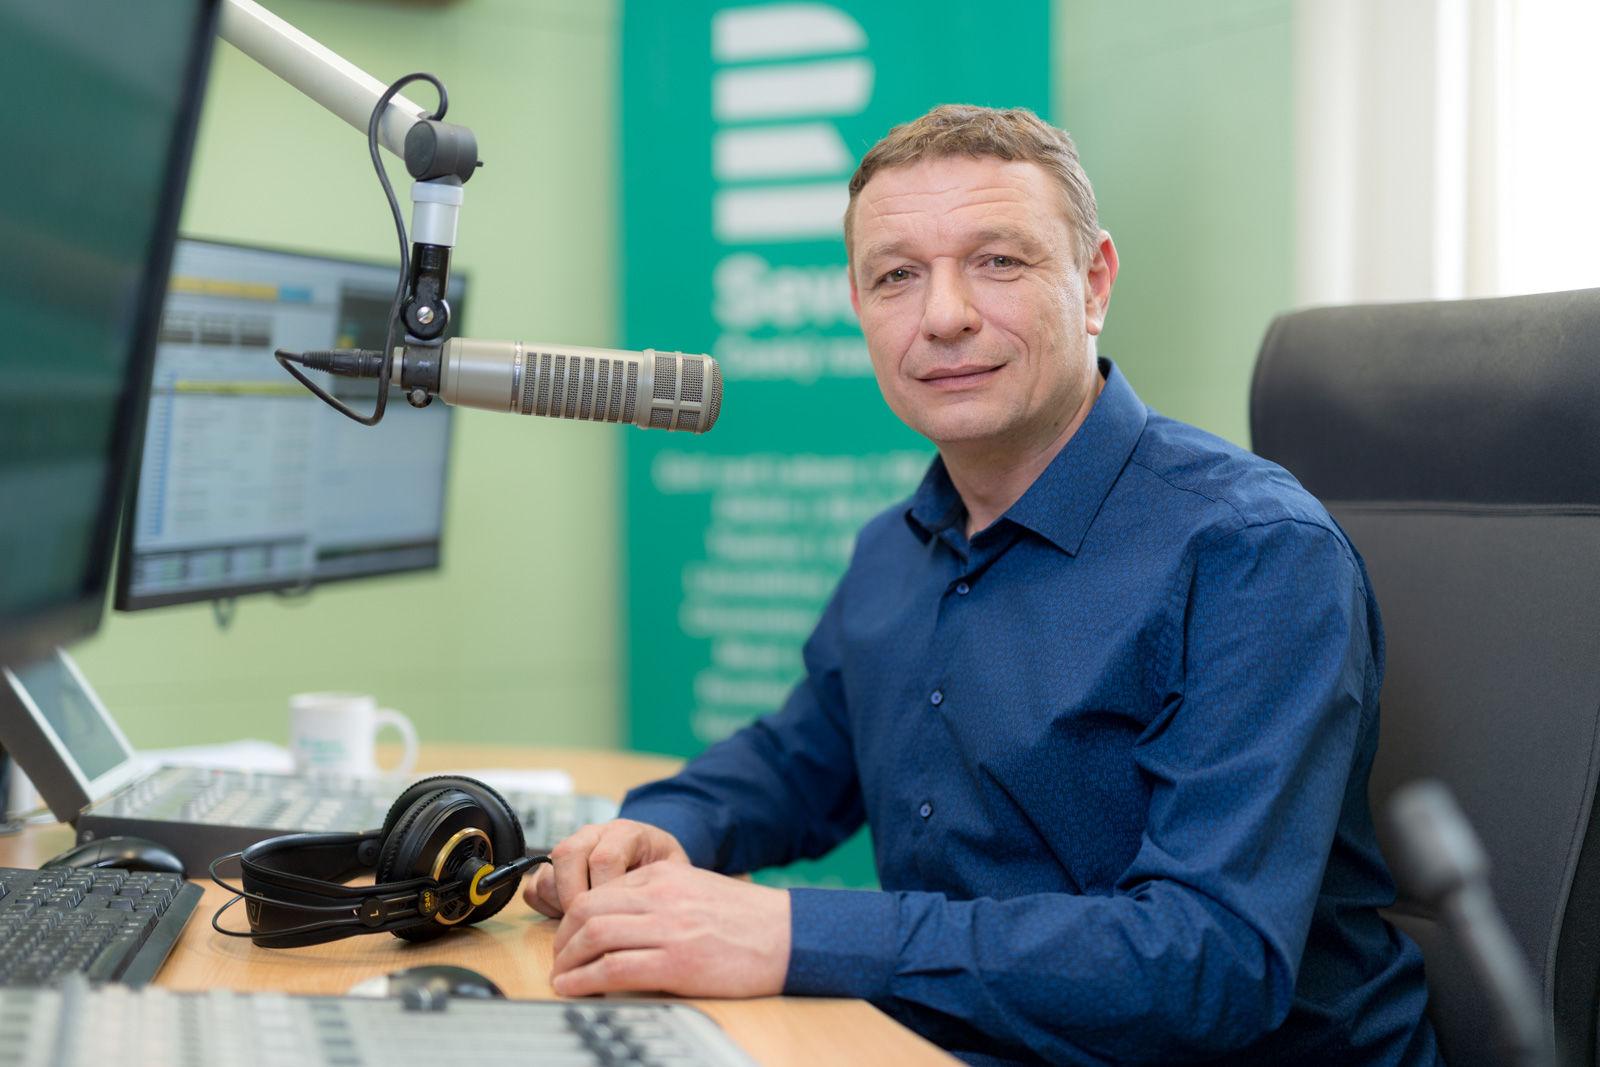 Obrázek Dobré dopoledne, Moderuje Petr Beran.